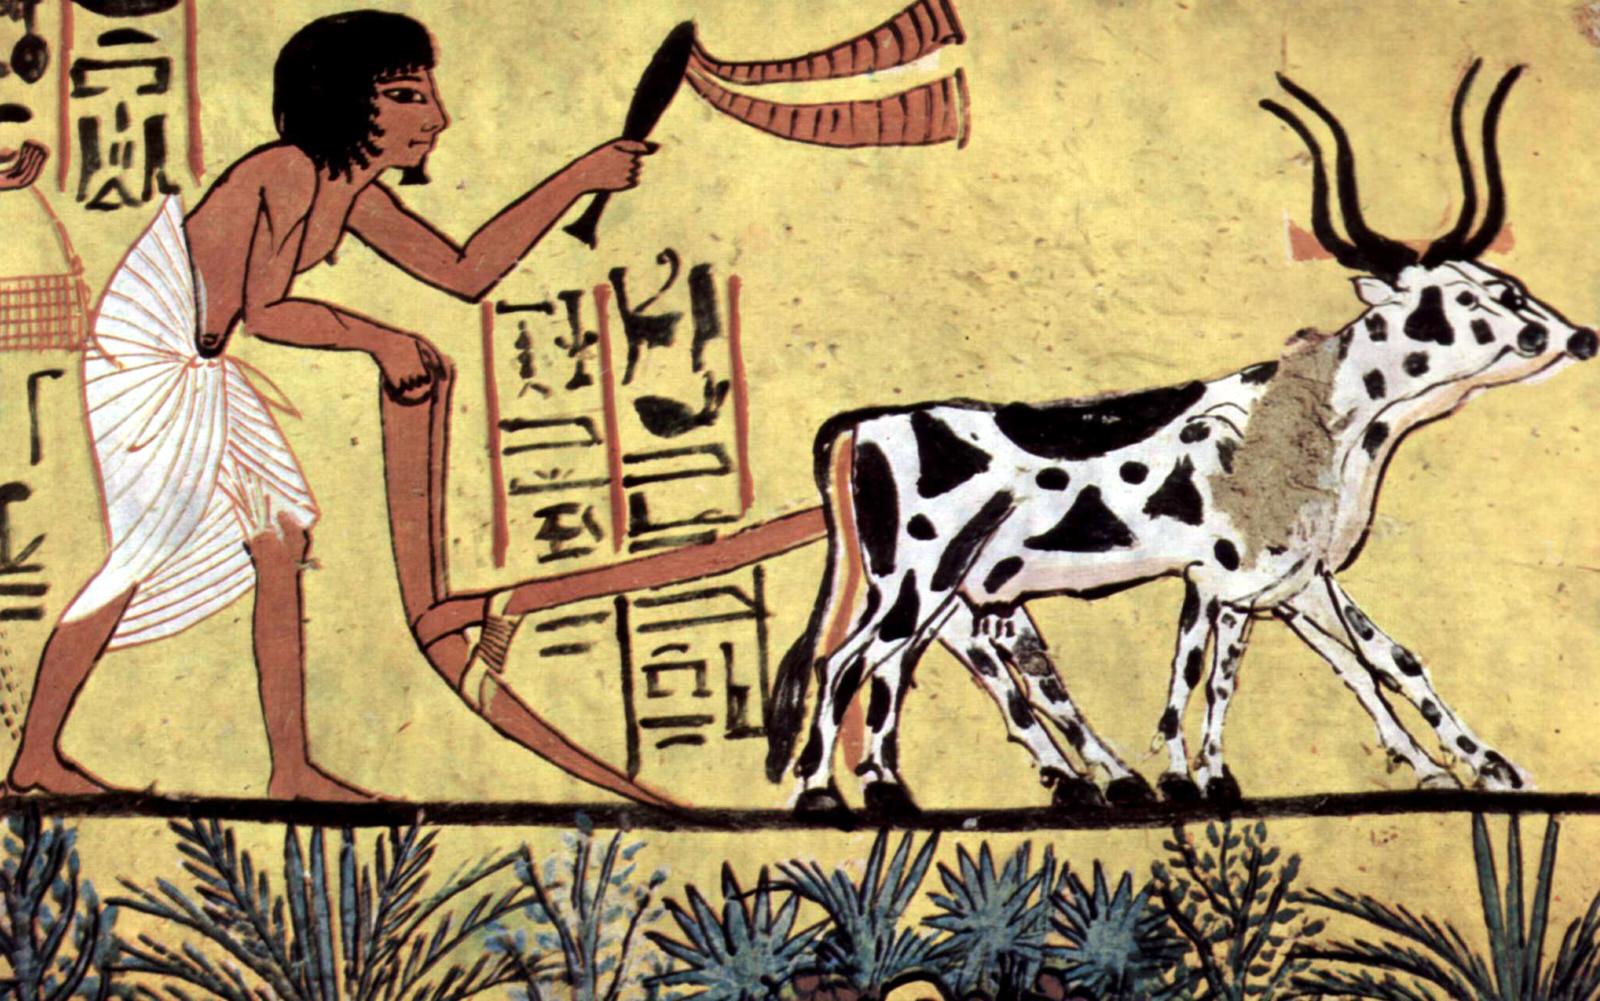 картинка человек в истории и культуре любом случае такими